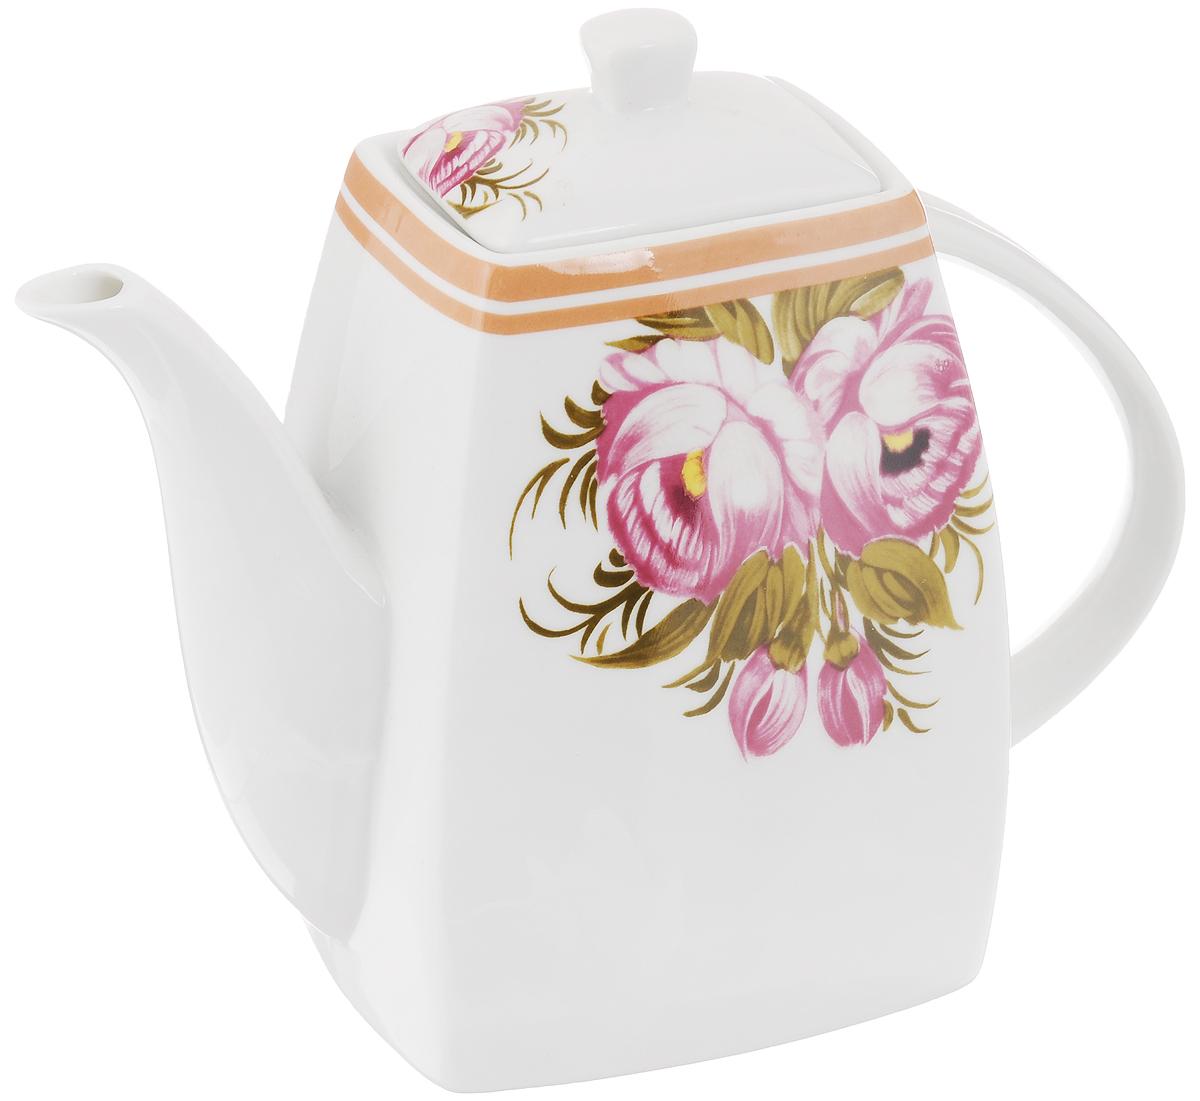 Чайник заварочный Loraine, 1 л. 2117321173Заварочный чайник Loraine изготовлен из высококачественной керамики и оформлен красочным изображением, которое придает чайнику особый шарм. Изделие удобно в использовании и понравится каждому. Такой чайник поможет вам в приготовлении вкусного и ароматного чая, а также станет украшением вашей кухни. Чайник упакован в подарочную коробку. Размер чайника (по верхнему краю): 8,3 см х 6,5 см. Размер дна: 11 см х 9 см. Высота чайника (без учета крышки): 15,5 см. Высота чайника (с учетом крышки): 18,5 см.